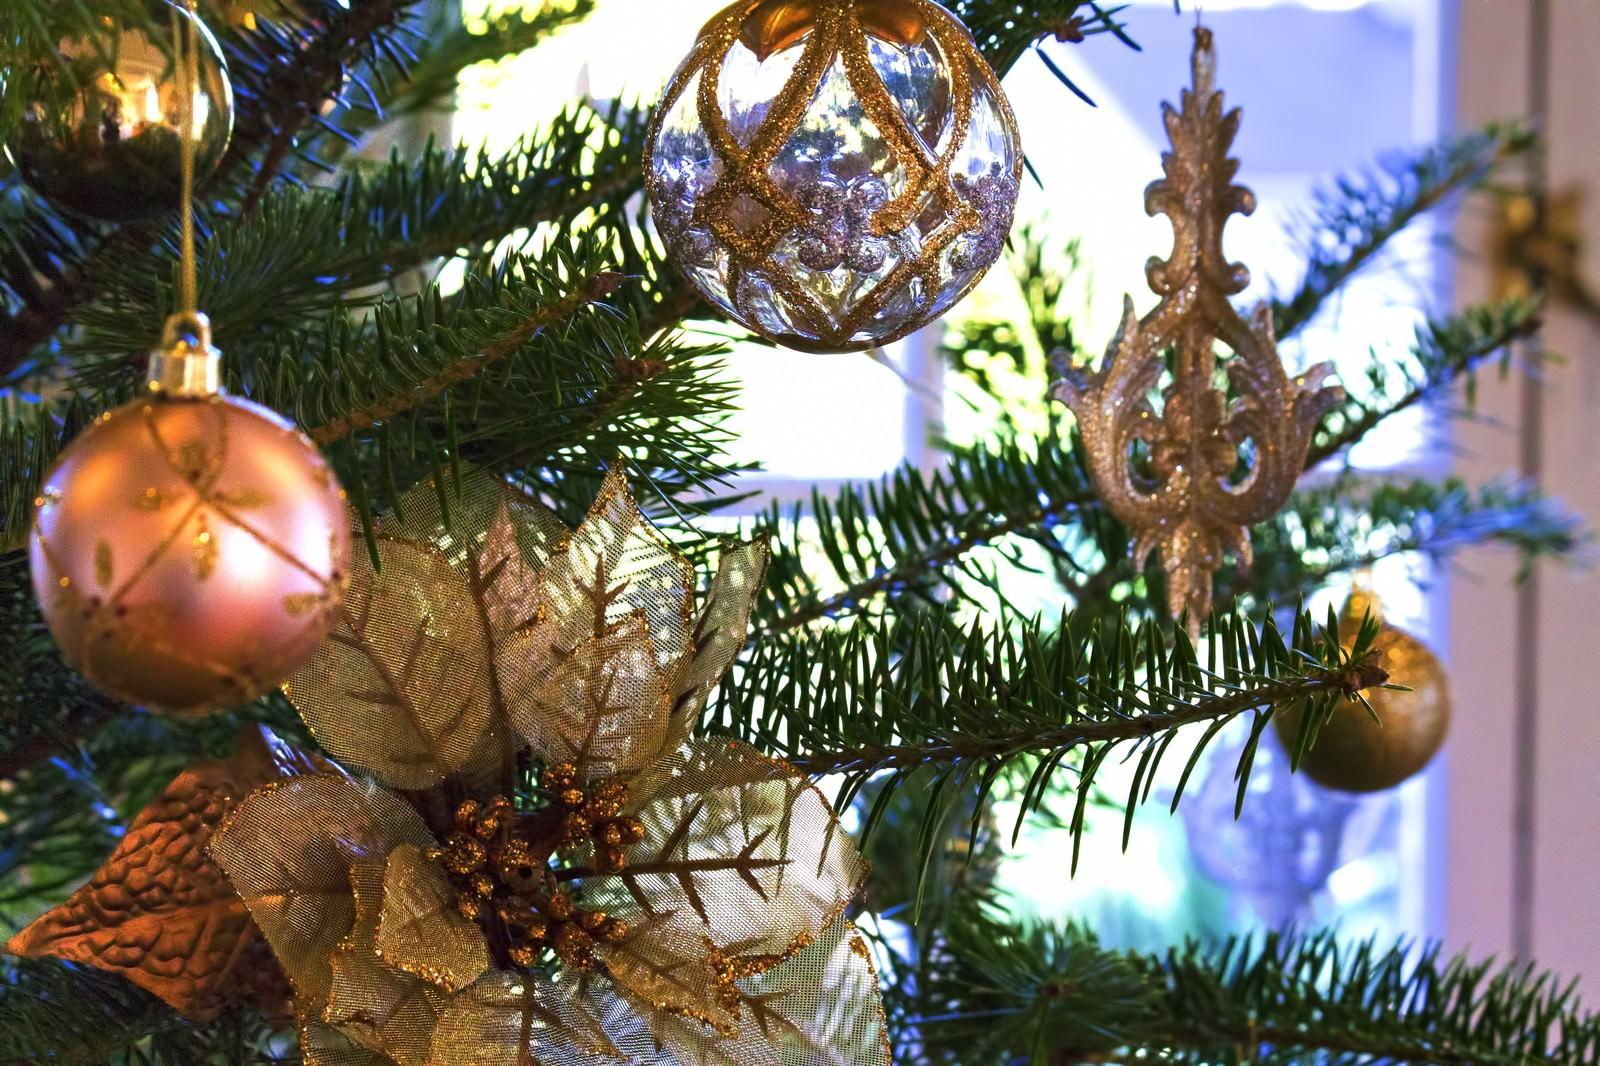 「綺麗なクリスマスツリーの飾り」の写真